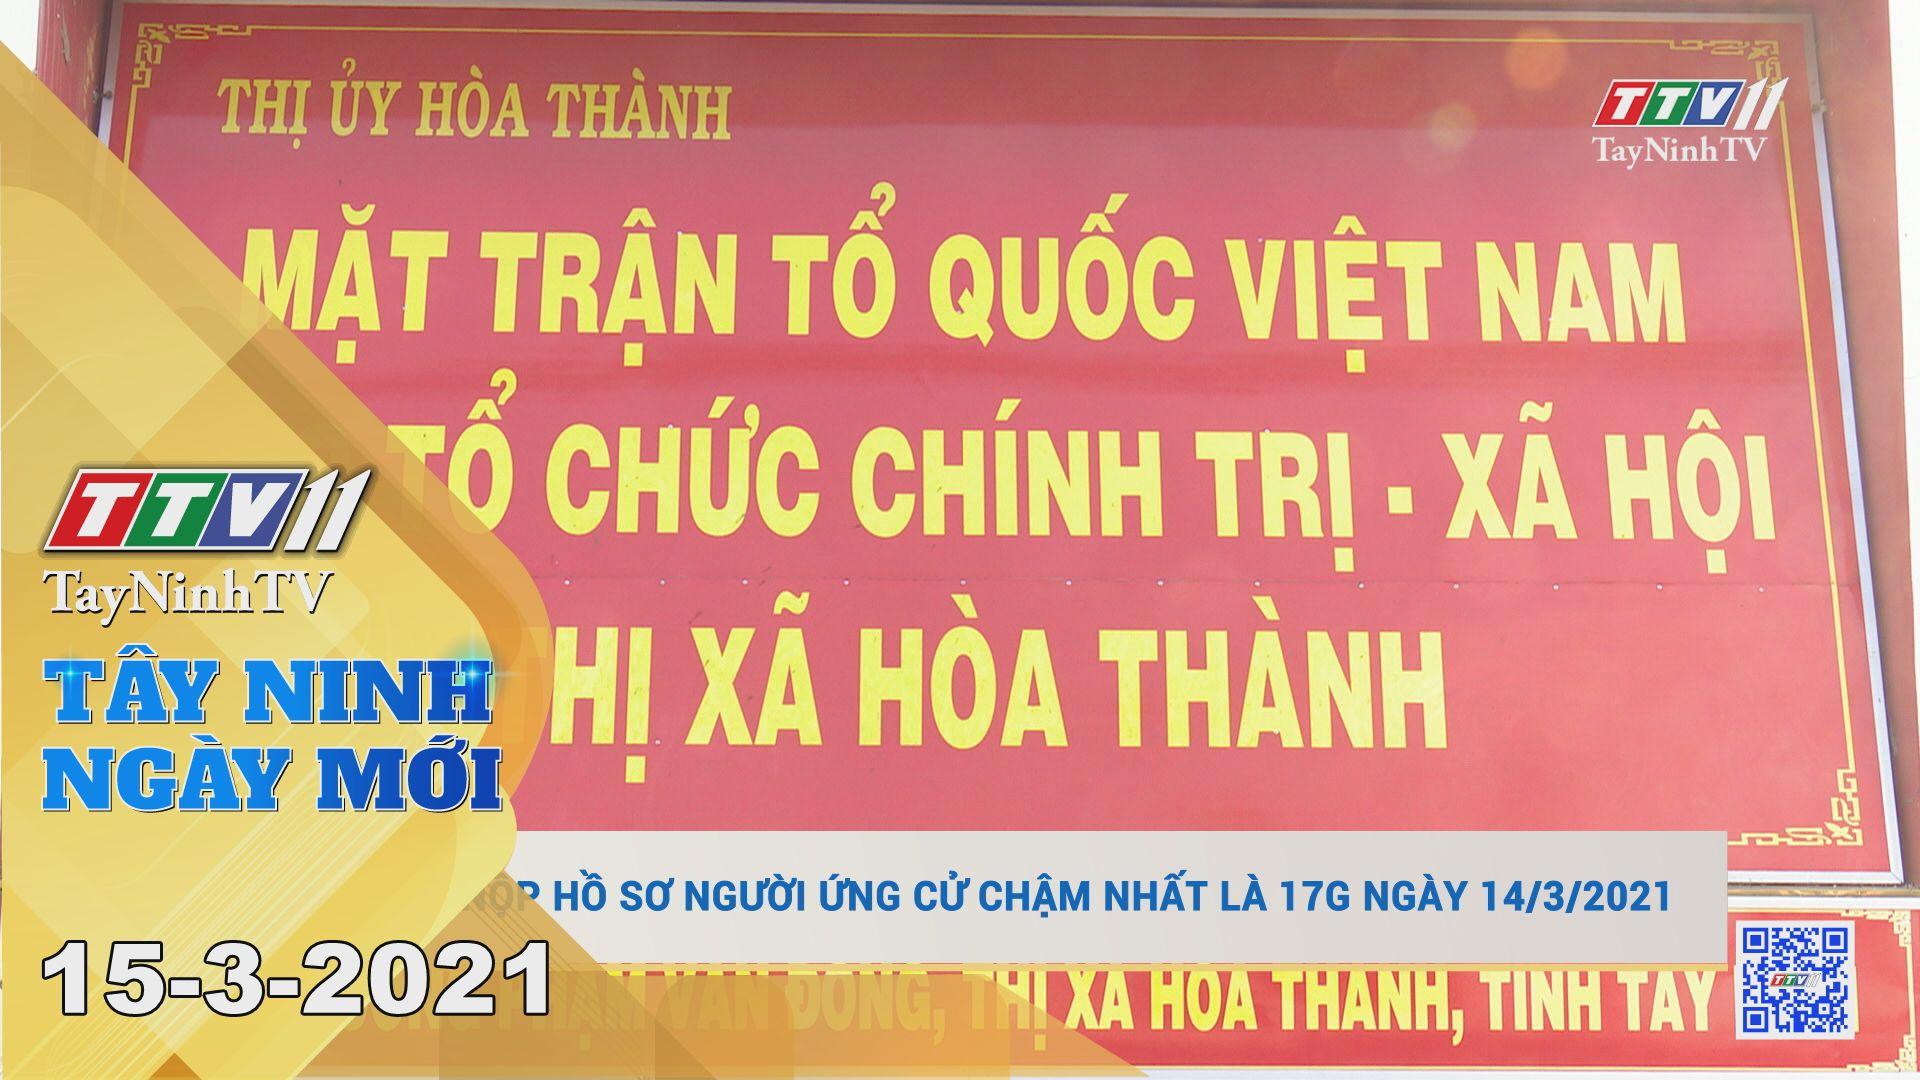 Tây Ninh Ngày Mới 15-3-2021   Tin tức hôm nay   TayNinhTV